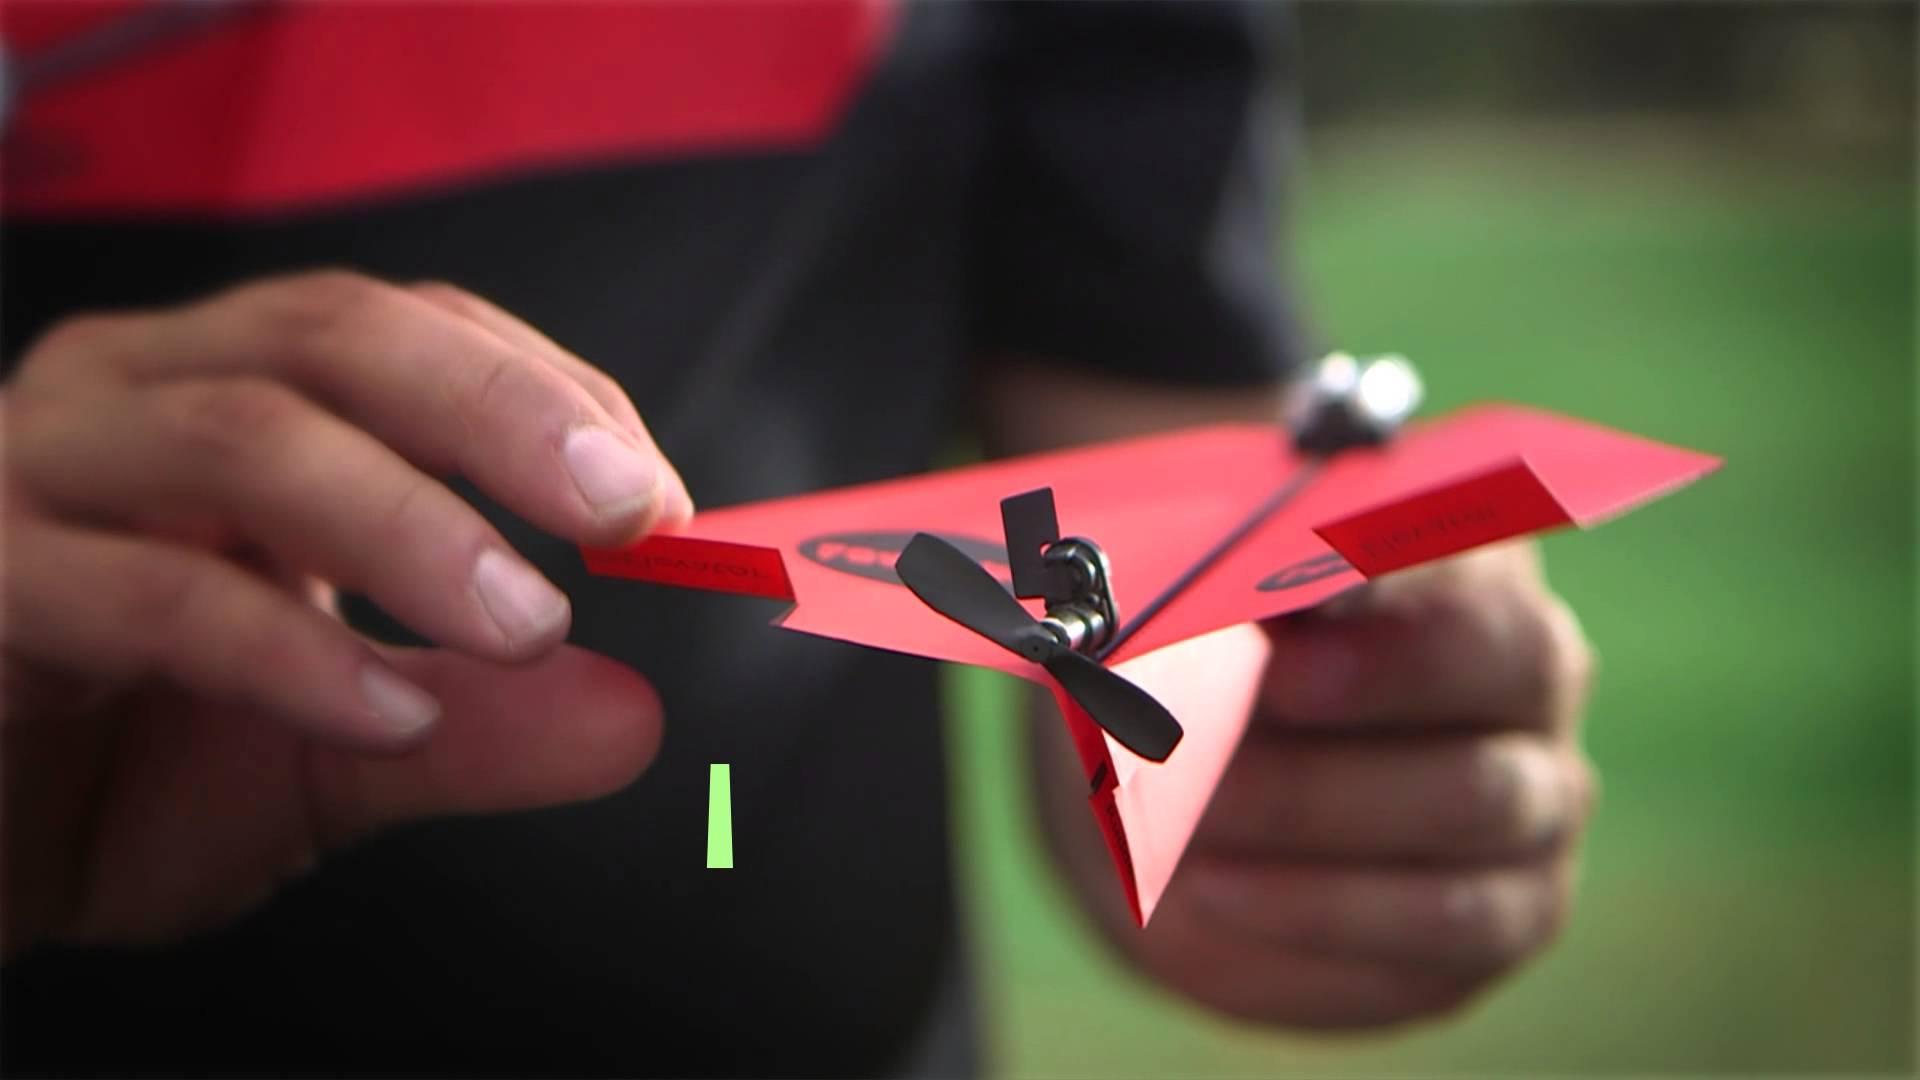 powerup_3.0-paper_aeroplane_large